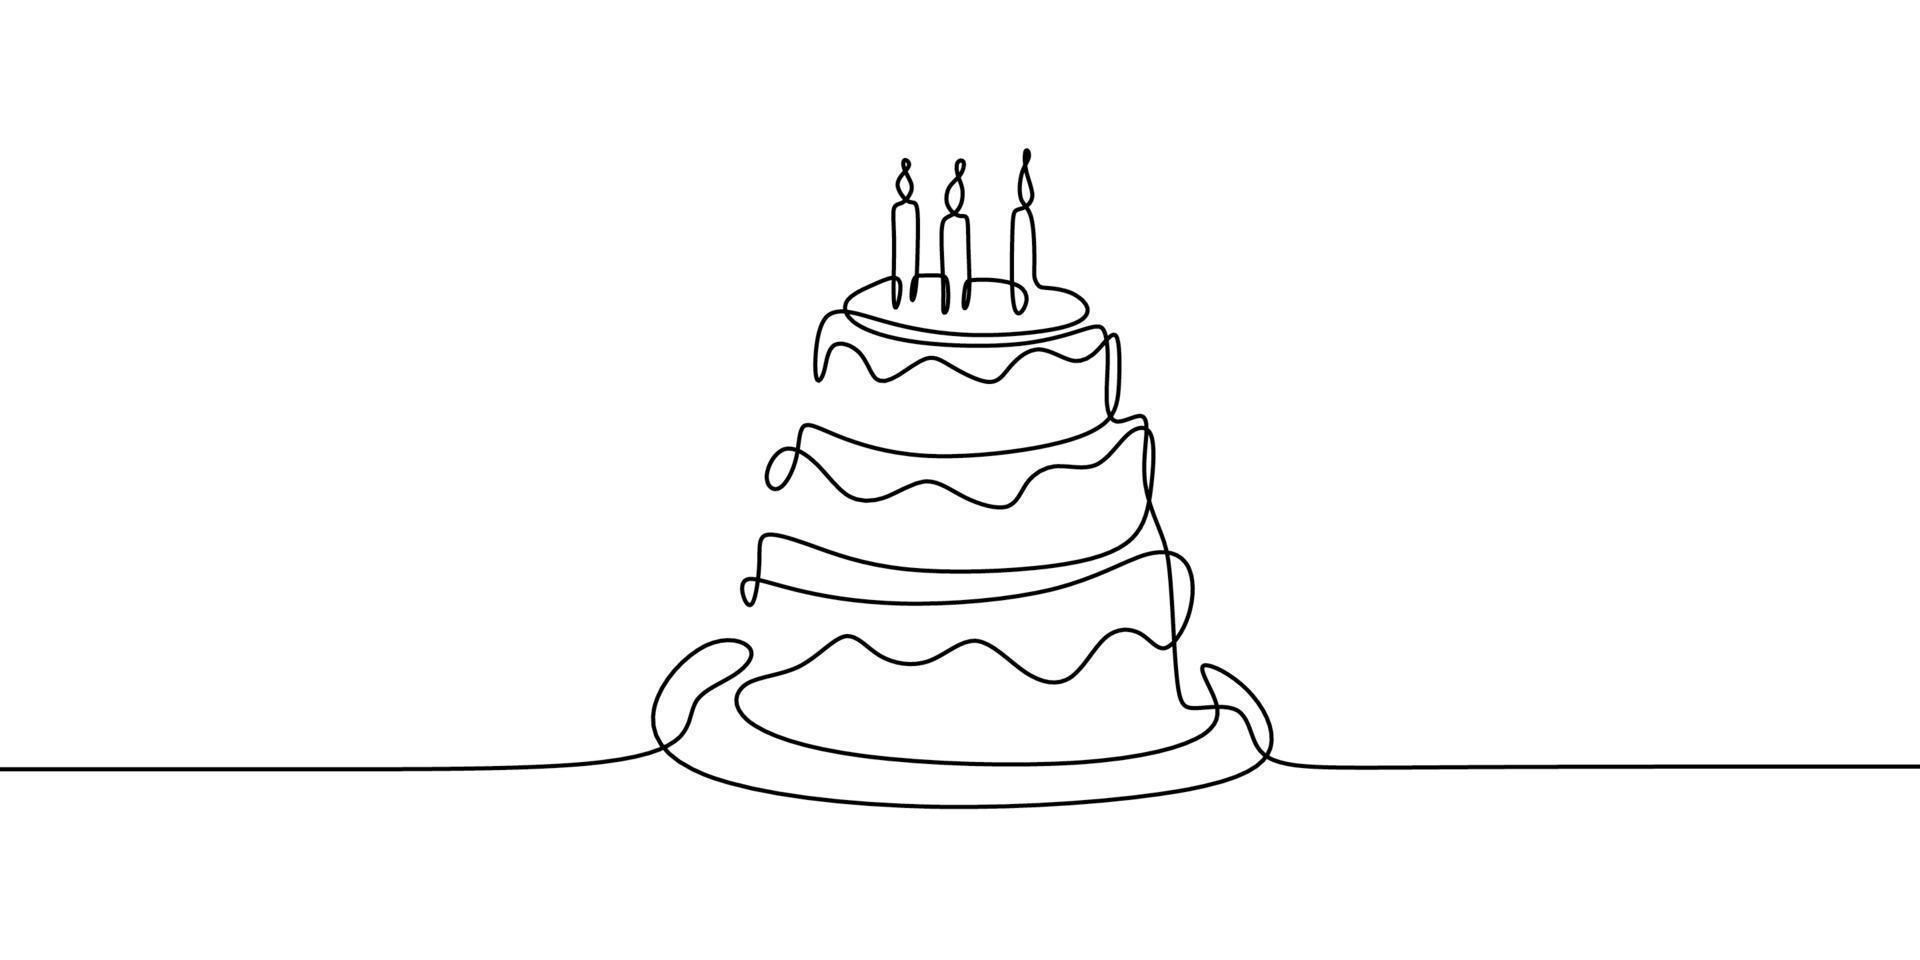 desenho de linha contínua. bolo de aniversário com três velas. símbolo de celebração isolado no fundo branco. vetor